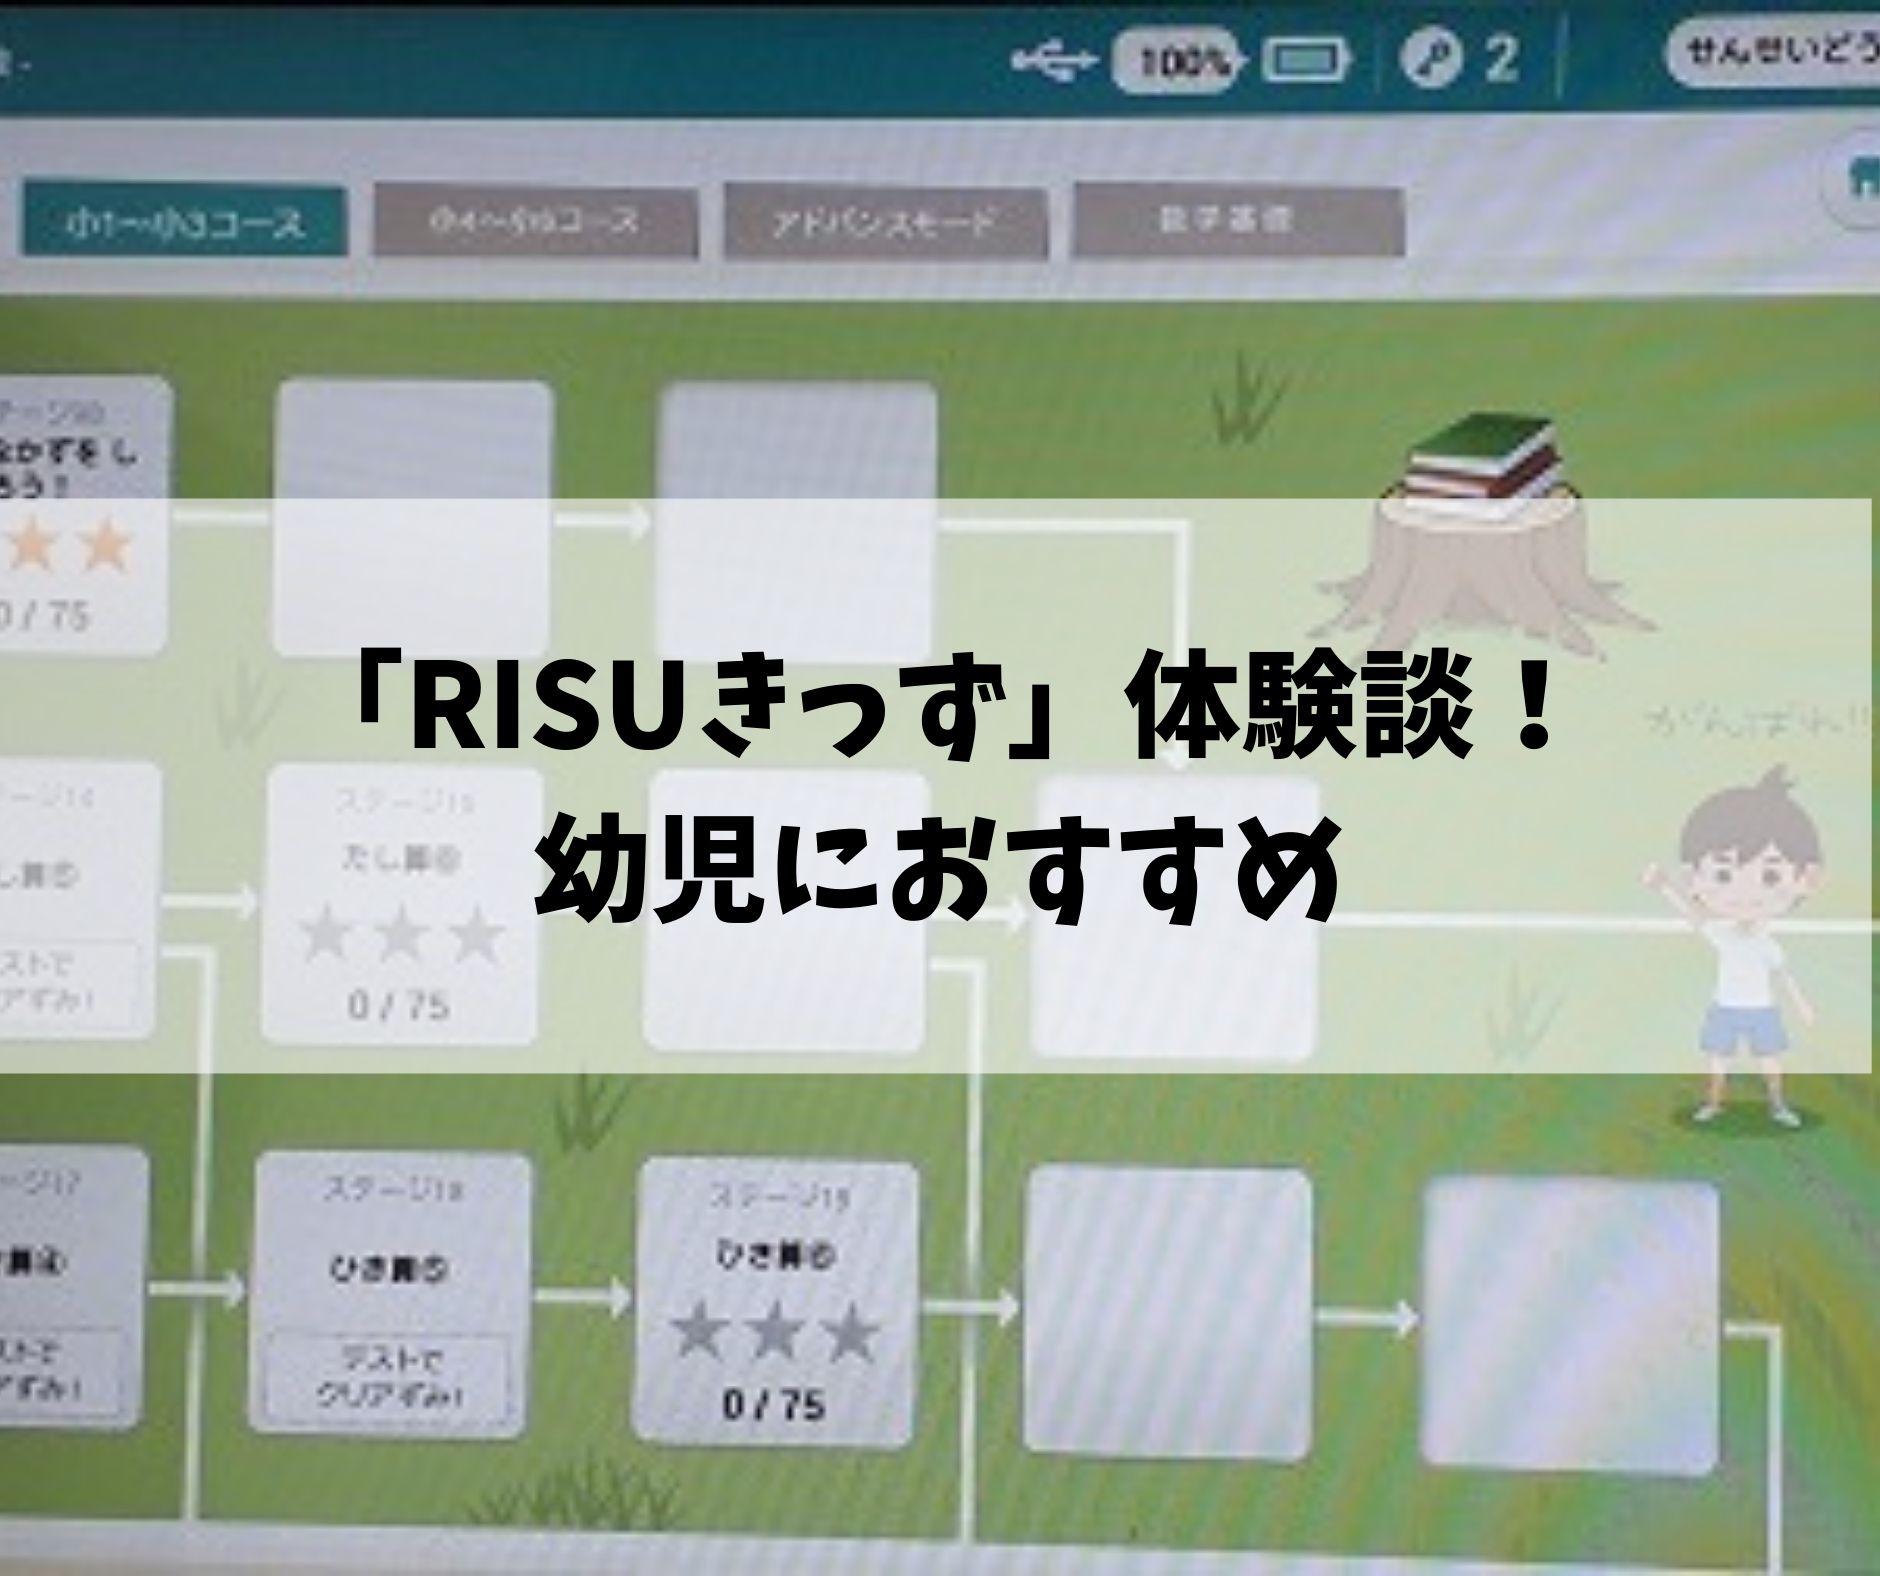 幼児版RISU算数の「RISUきっず」!体験談と幼児におすすめの理由